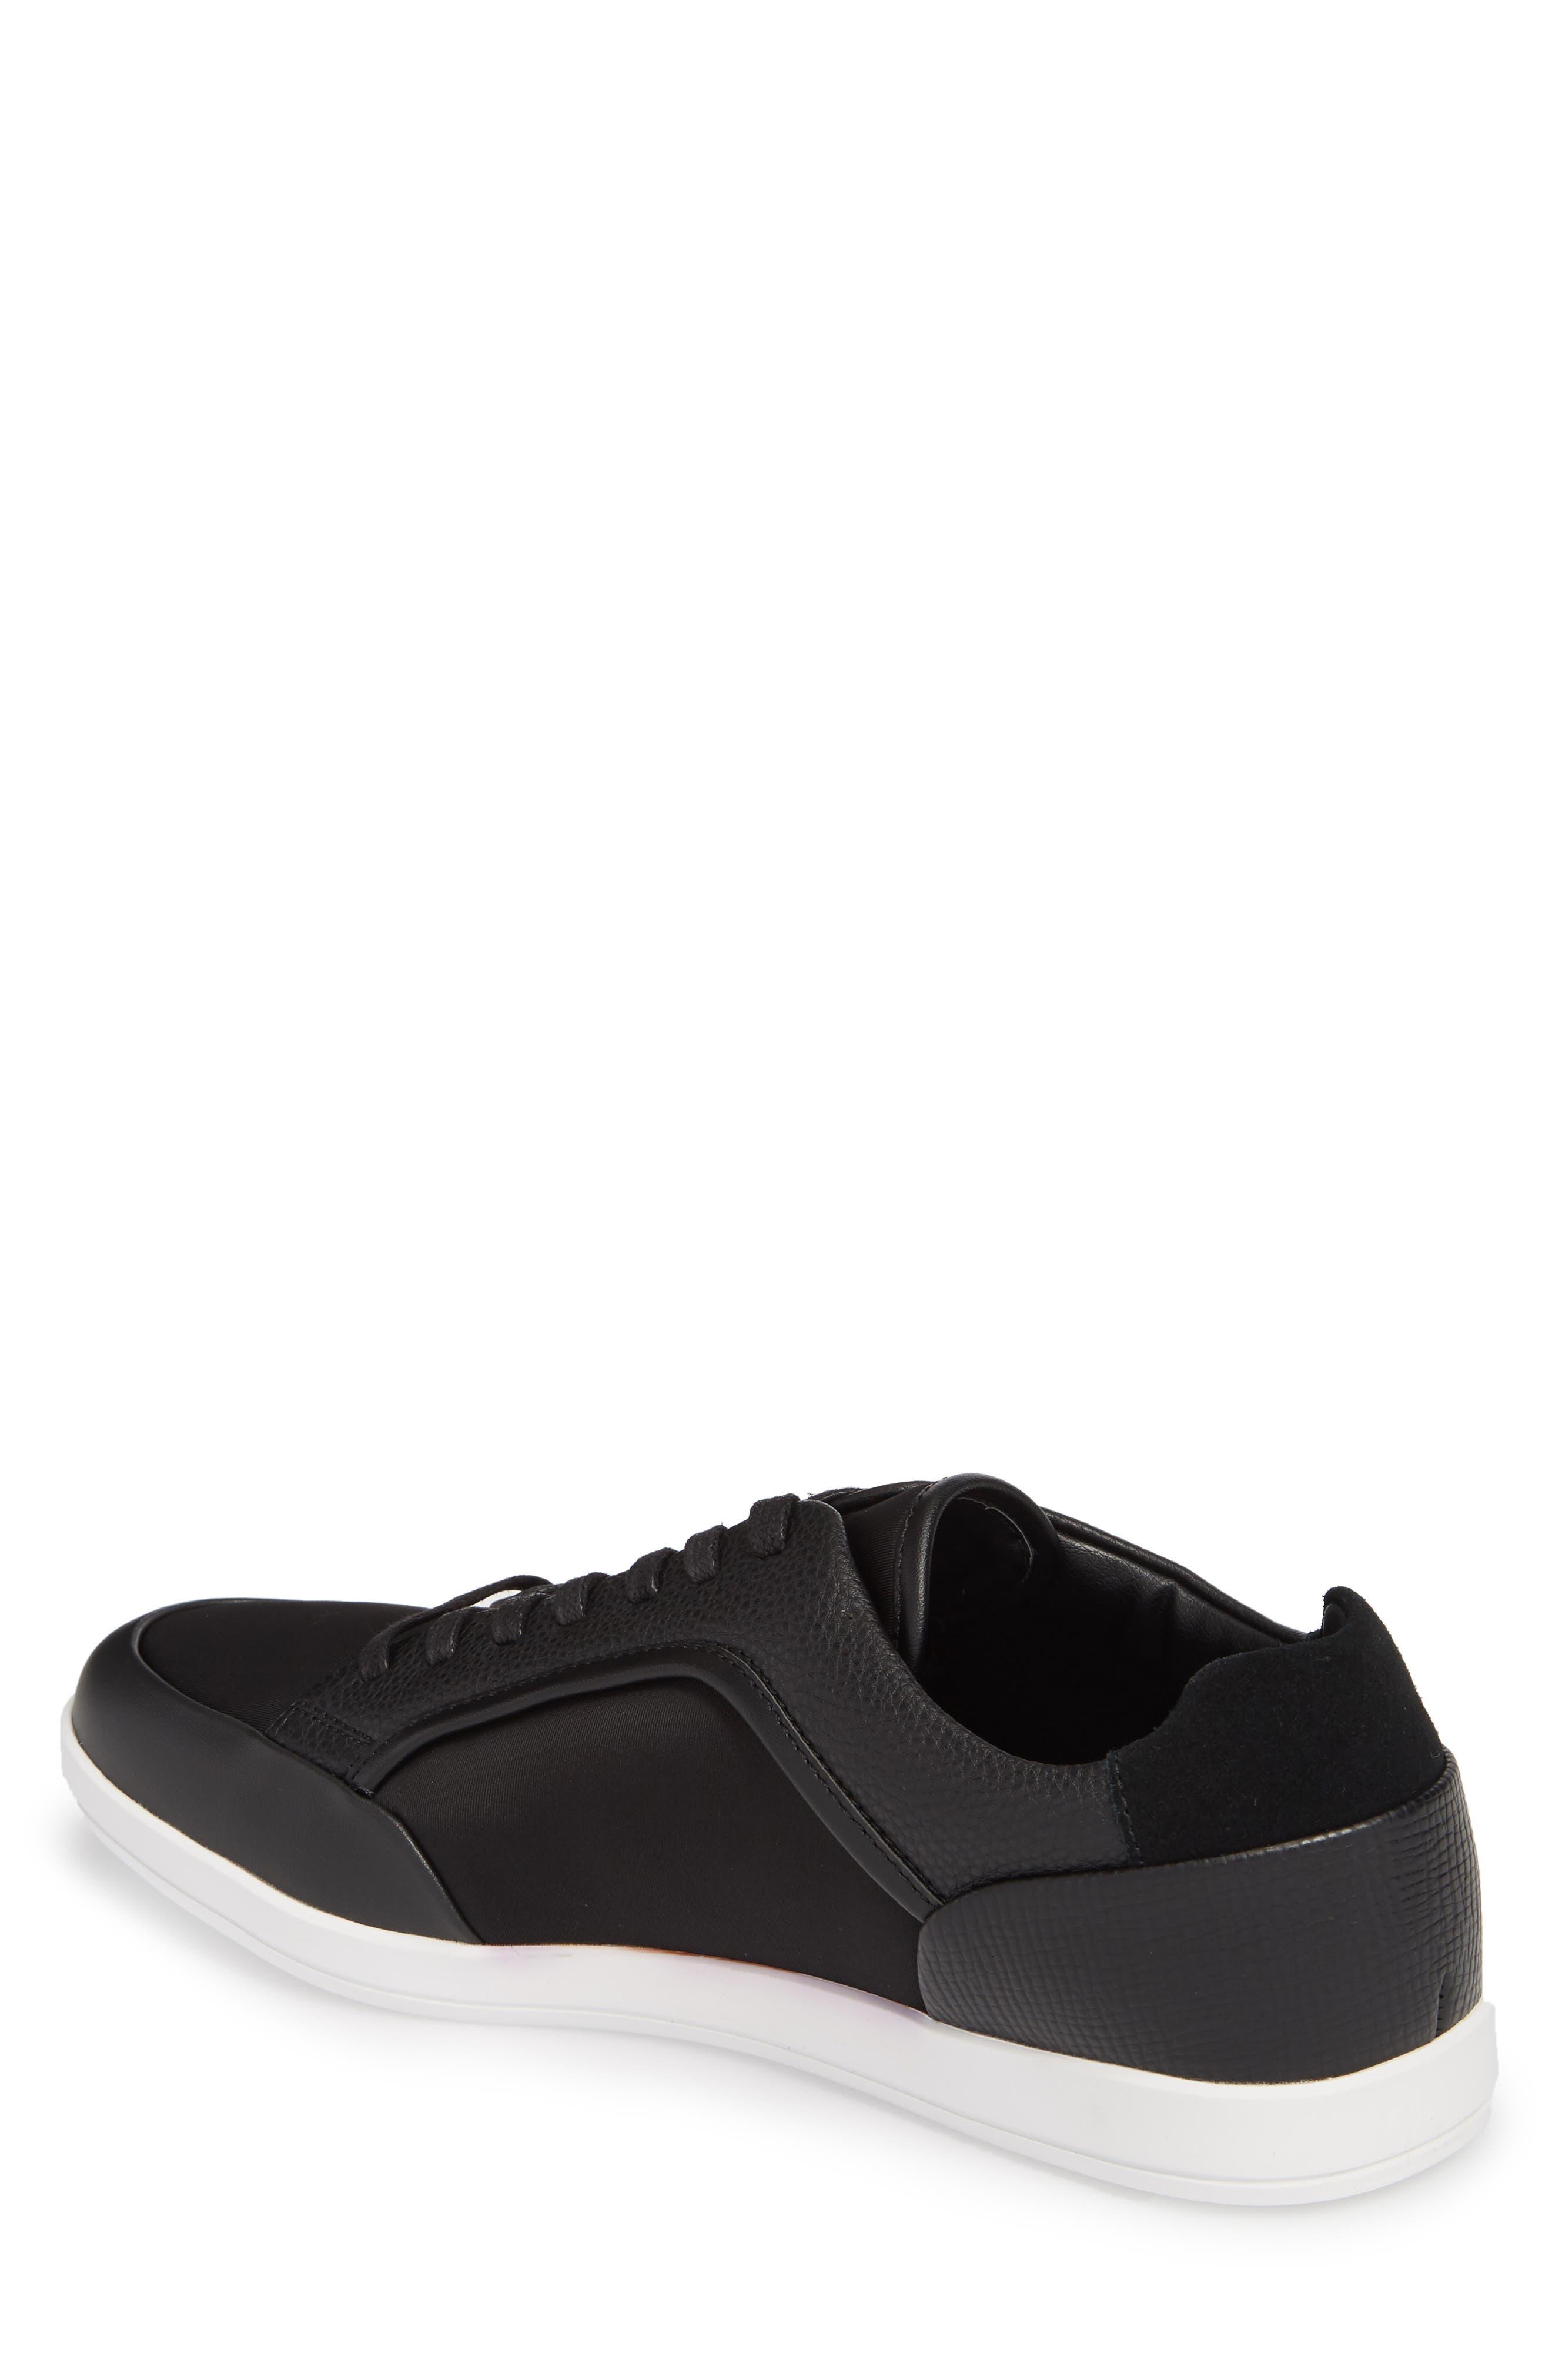 Masen Sneaker,                             Alternate thumbnail 2, color,                             001